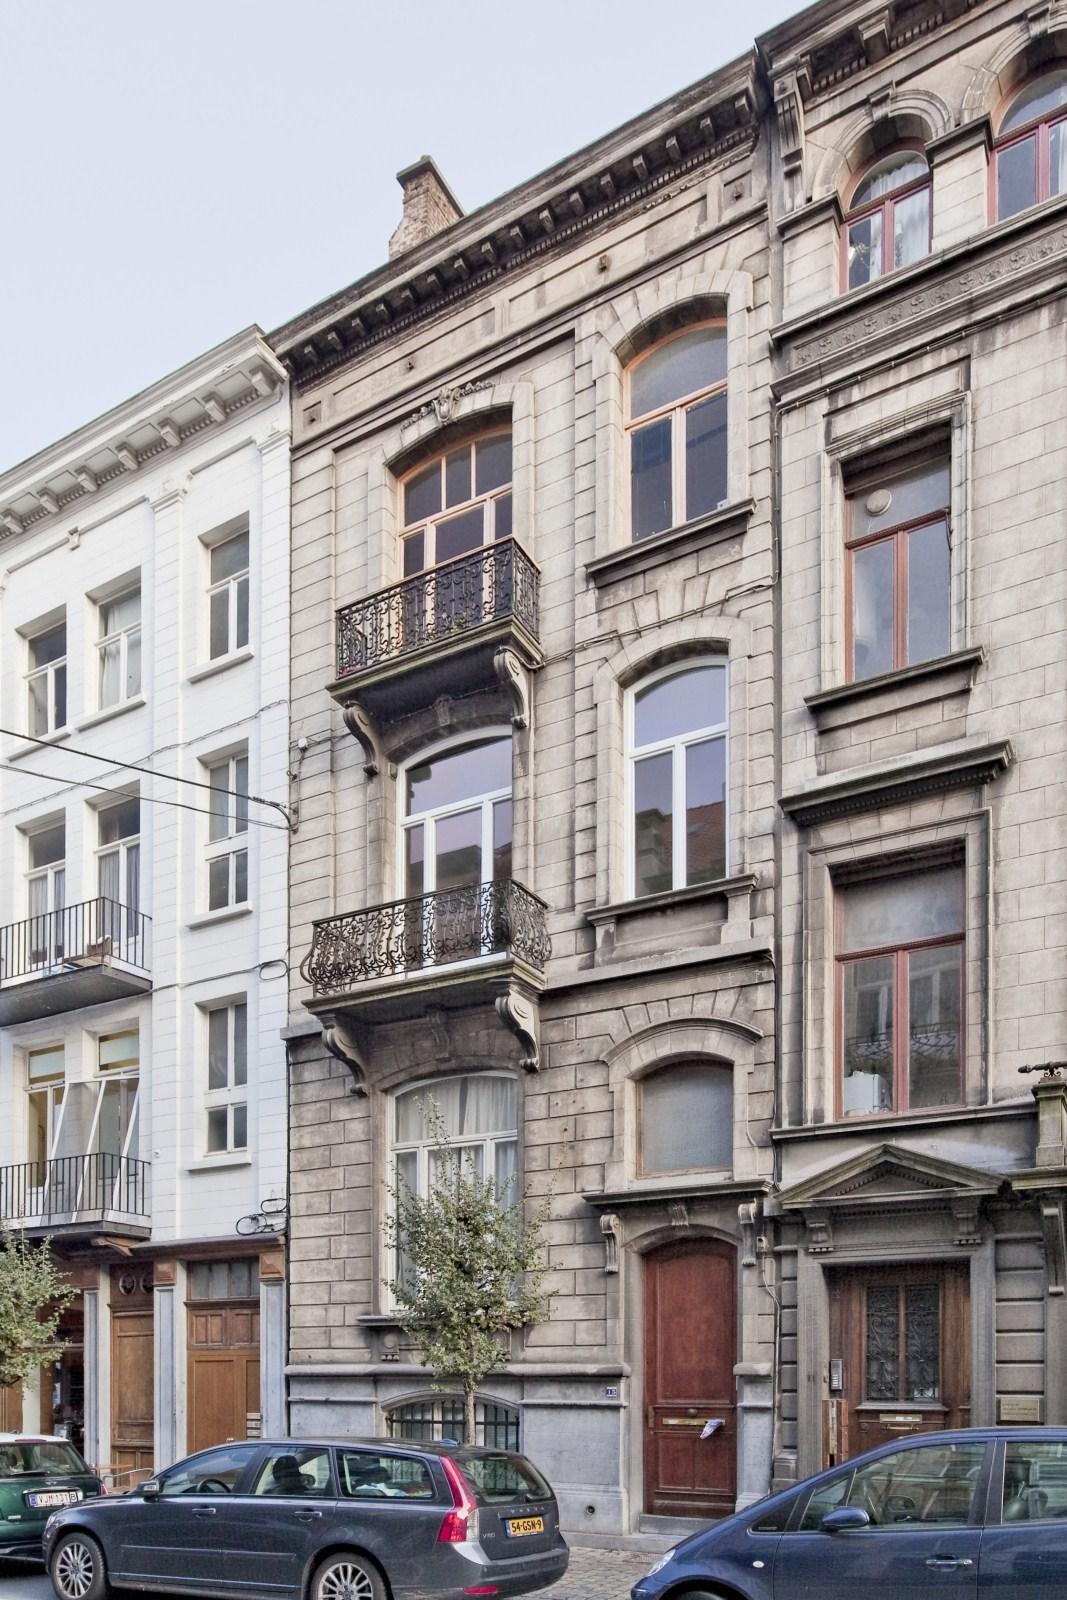 Rue Ernest Solvay 13.© 2009 © bepictures / BRUNETTA V. – EBERLIN M.